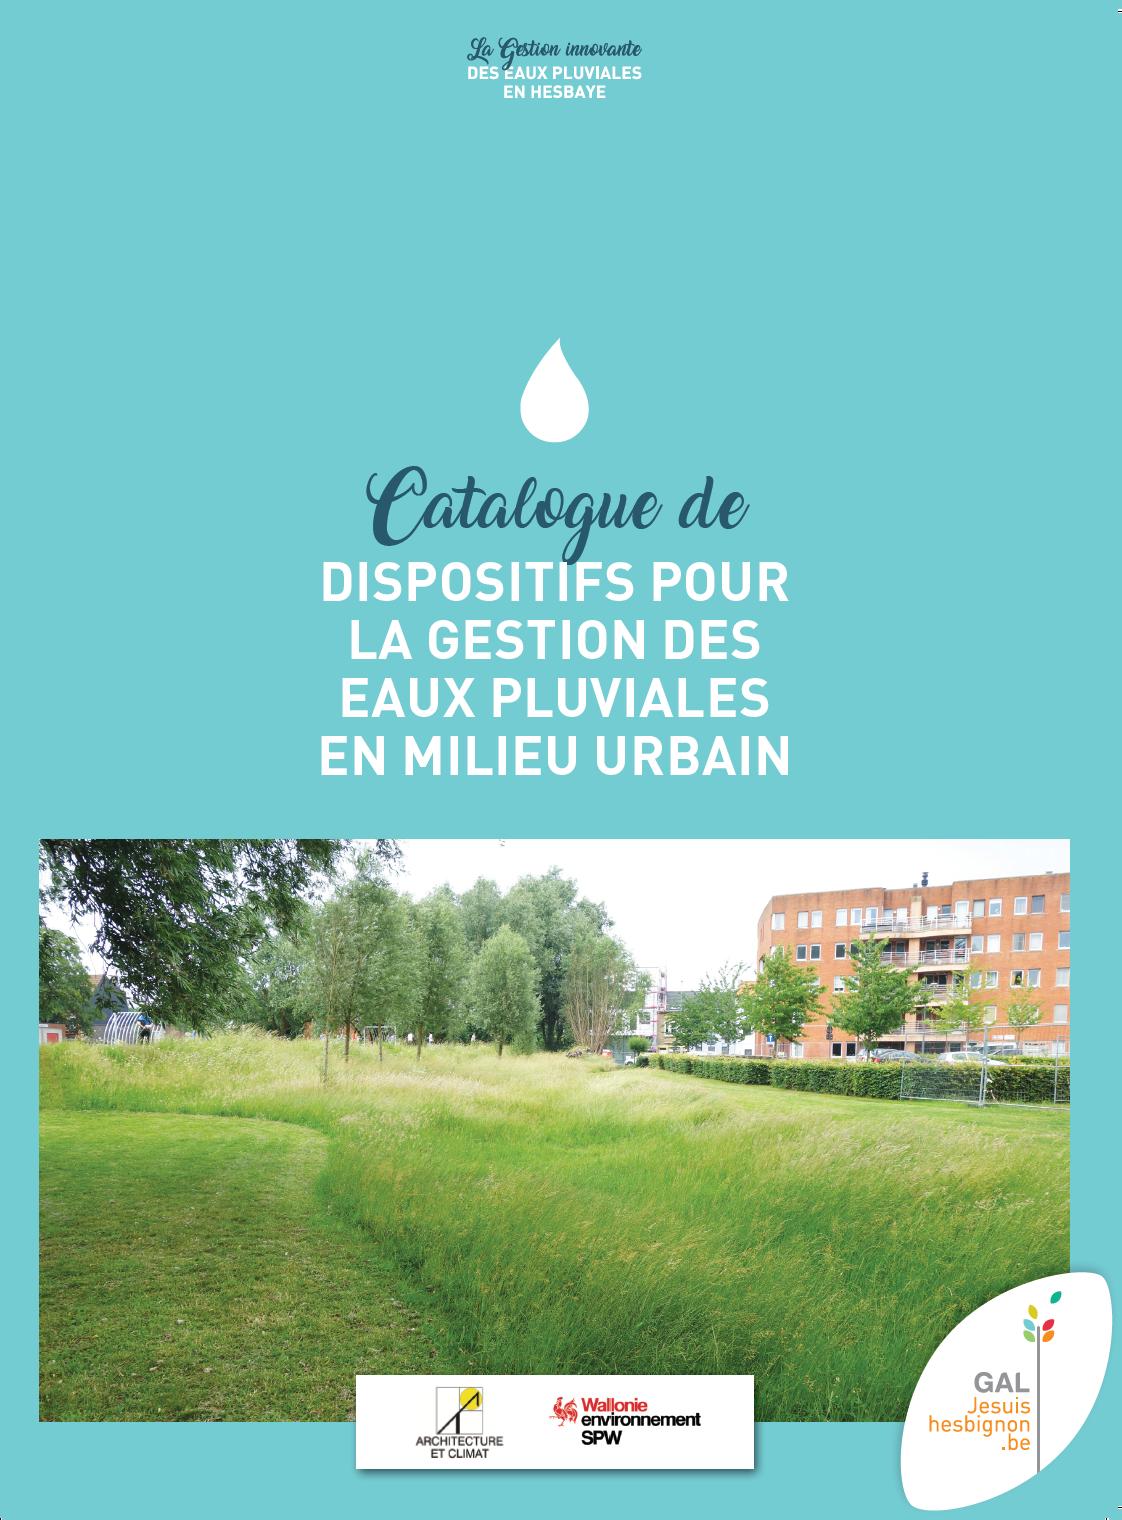 Catalogue de dispositifs pour la gestion des eaux pluviales en milieu urbain